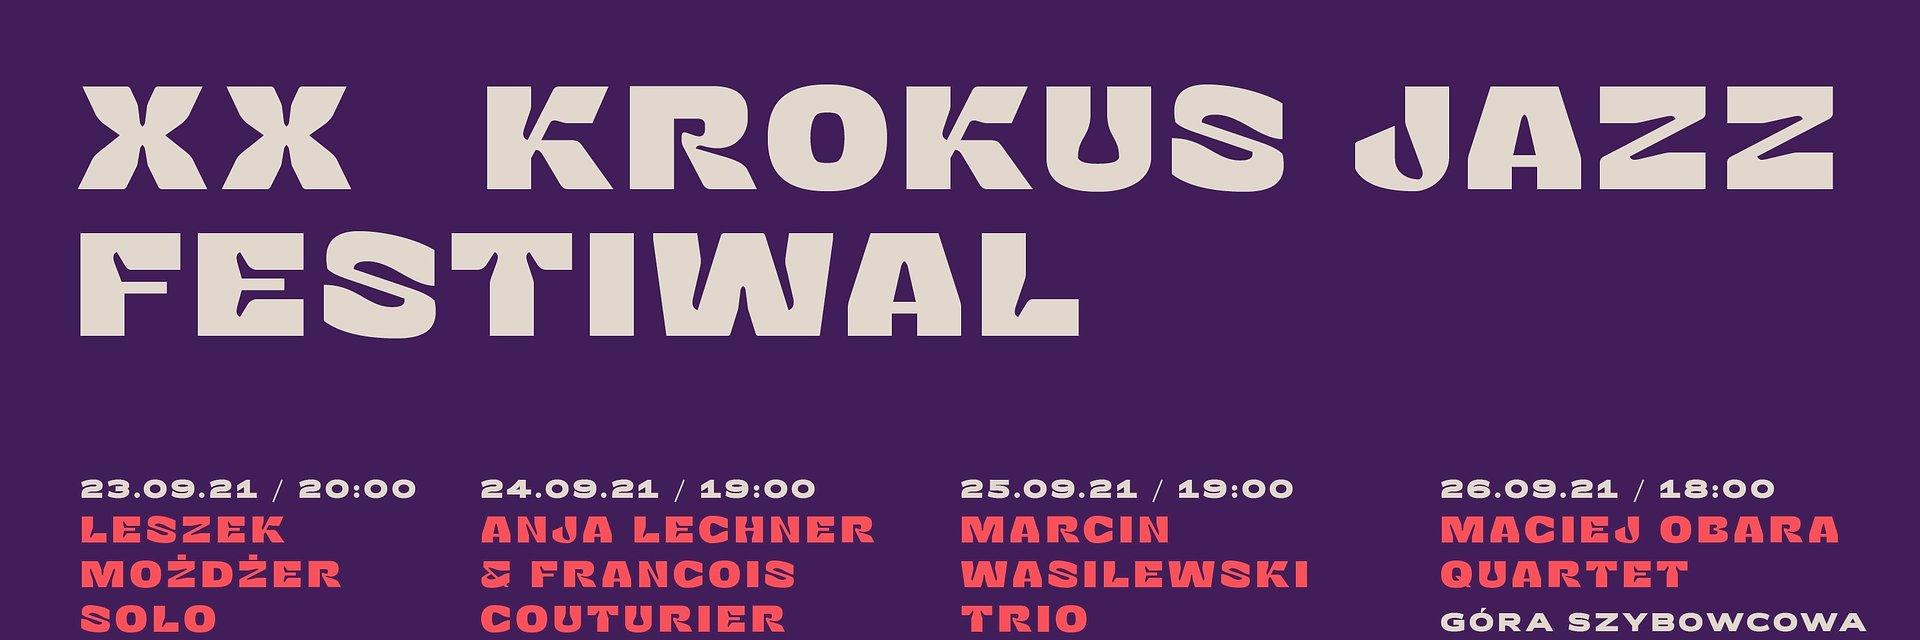 Krokus Jazz Festiwal ogłasza program